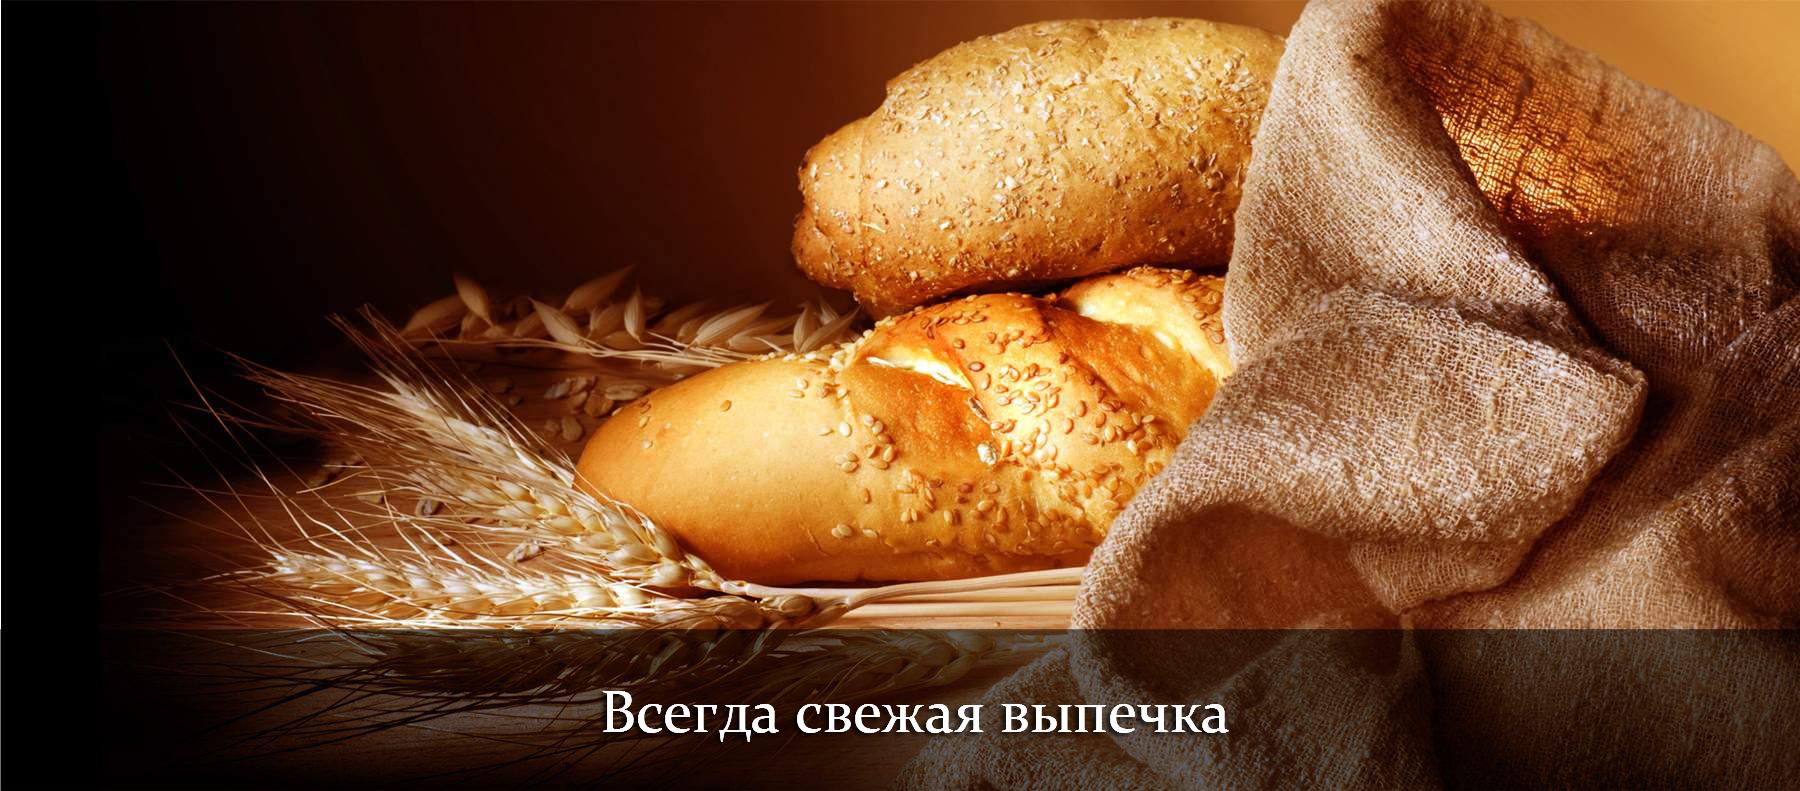 добрый эль ростов-на-дону доставка пиццы меню Доставка пиццы в Ростове-на-Дону, вкусная пицца с доставкой ...